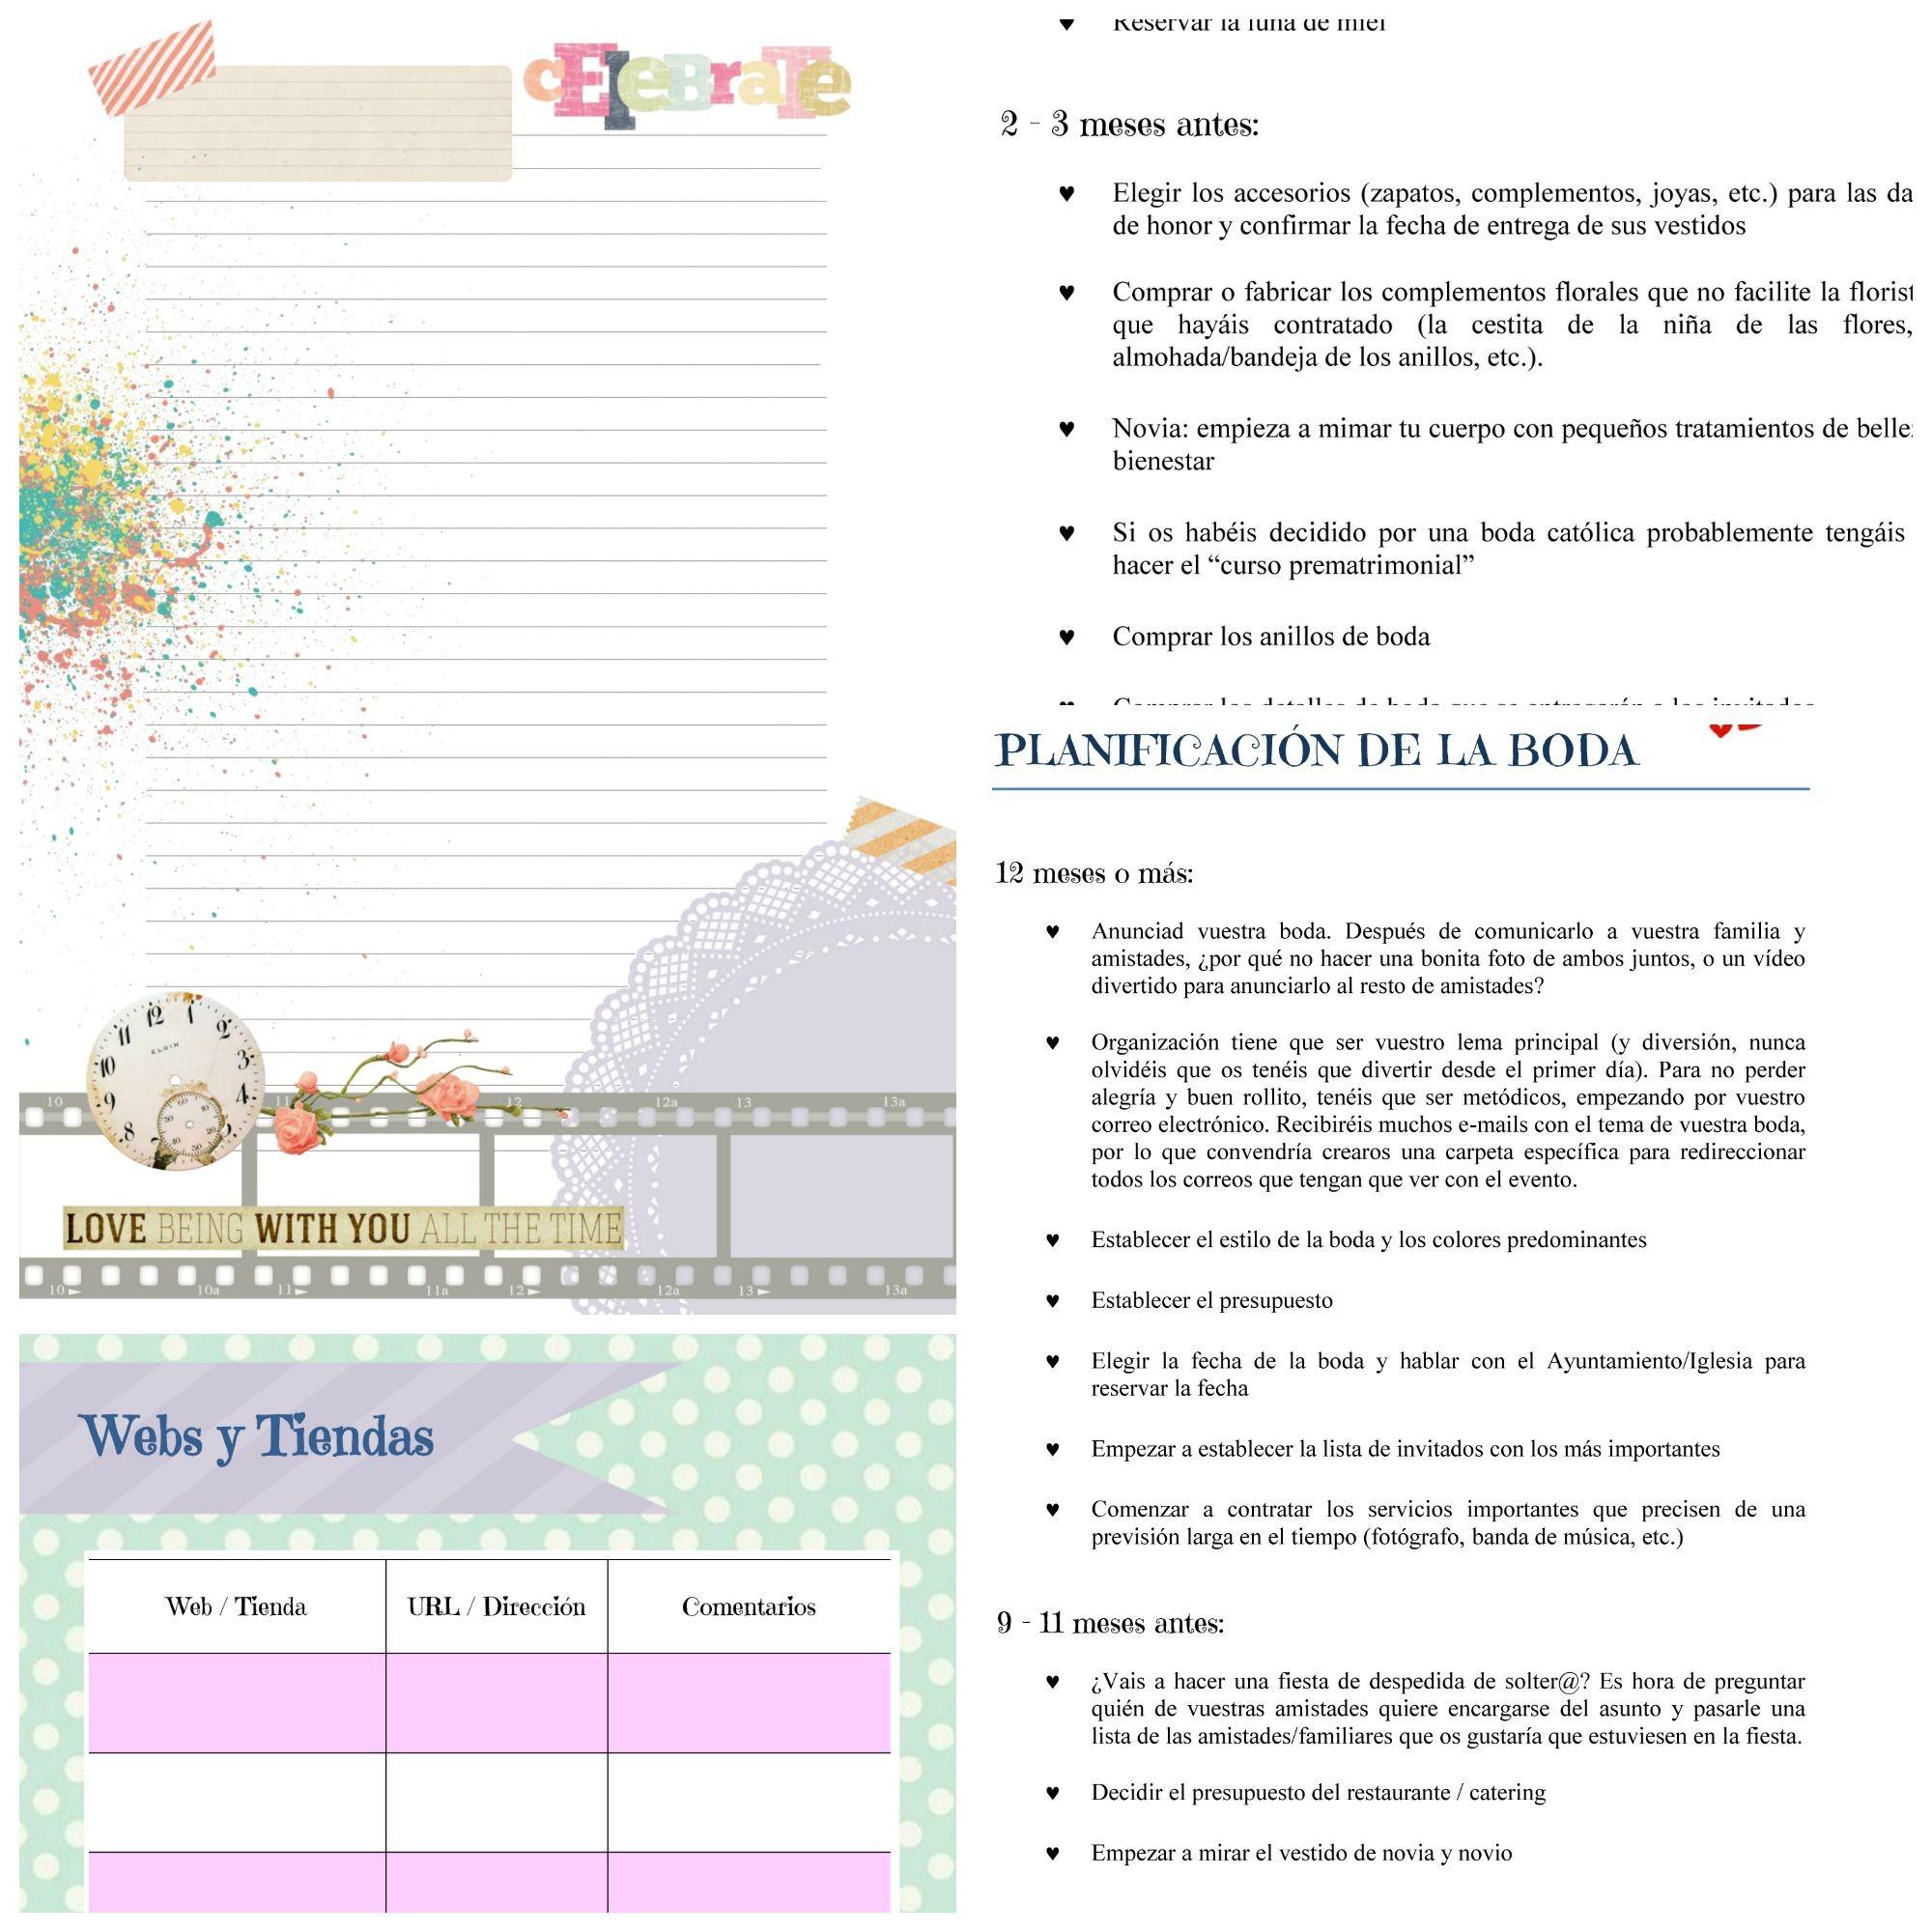 Crear De Boda Gratis Para Imprimir Para El Da De La Boda With Crear